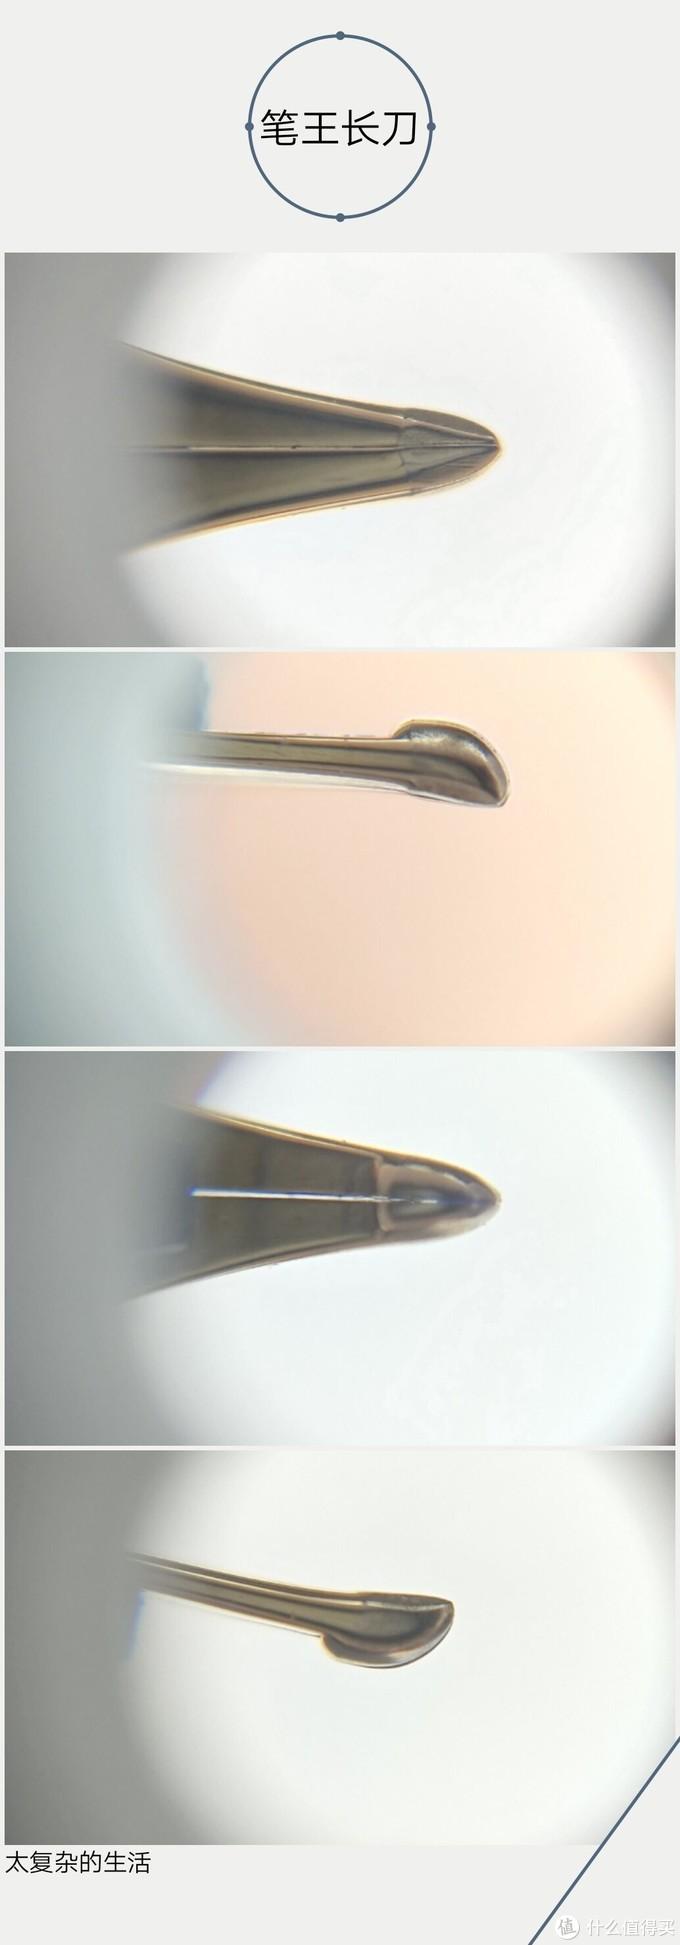 写乐钢笔的基础款巅峰——笔王长刀研